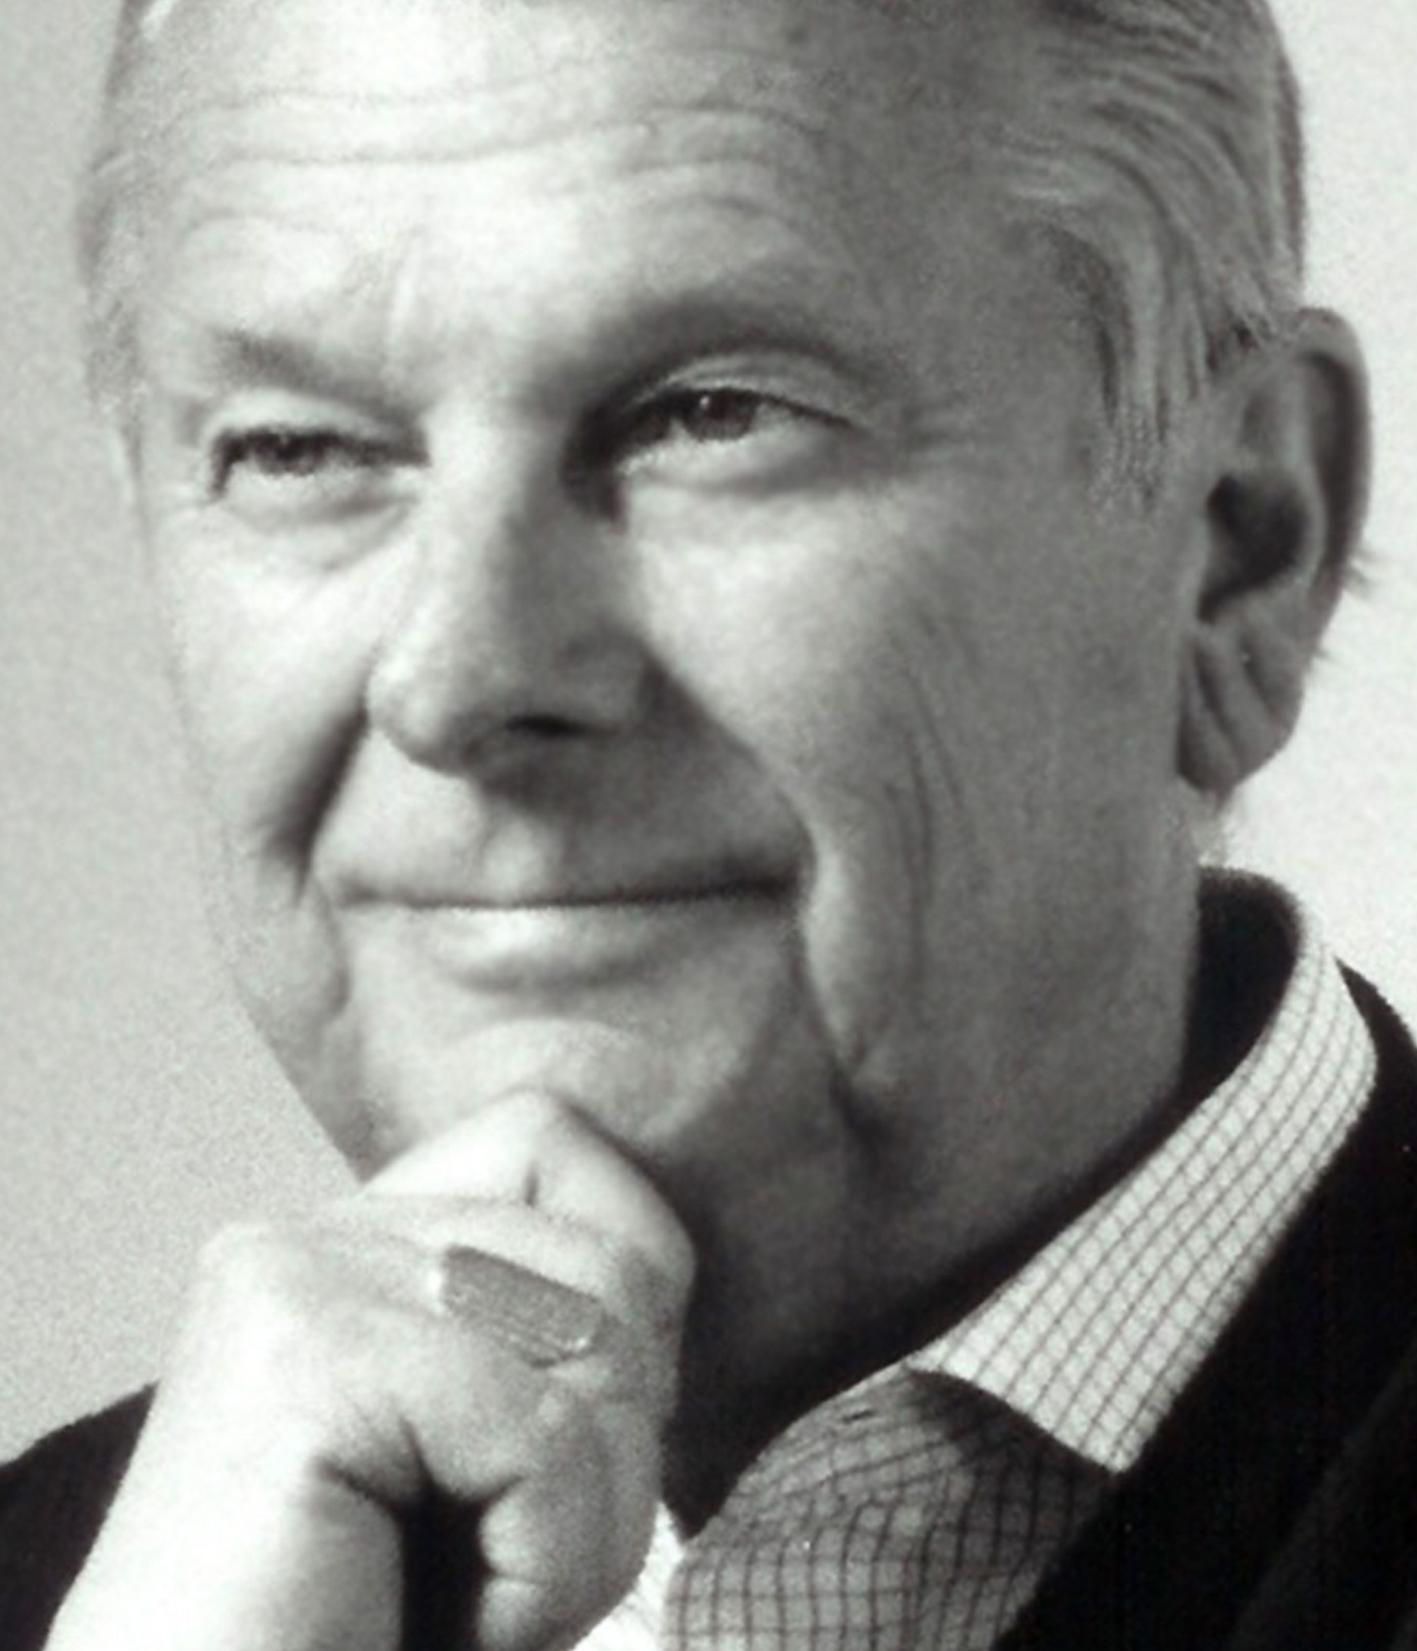 Tito Agnoli